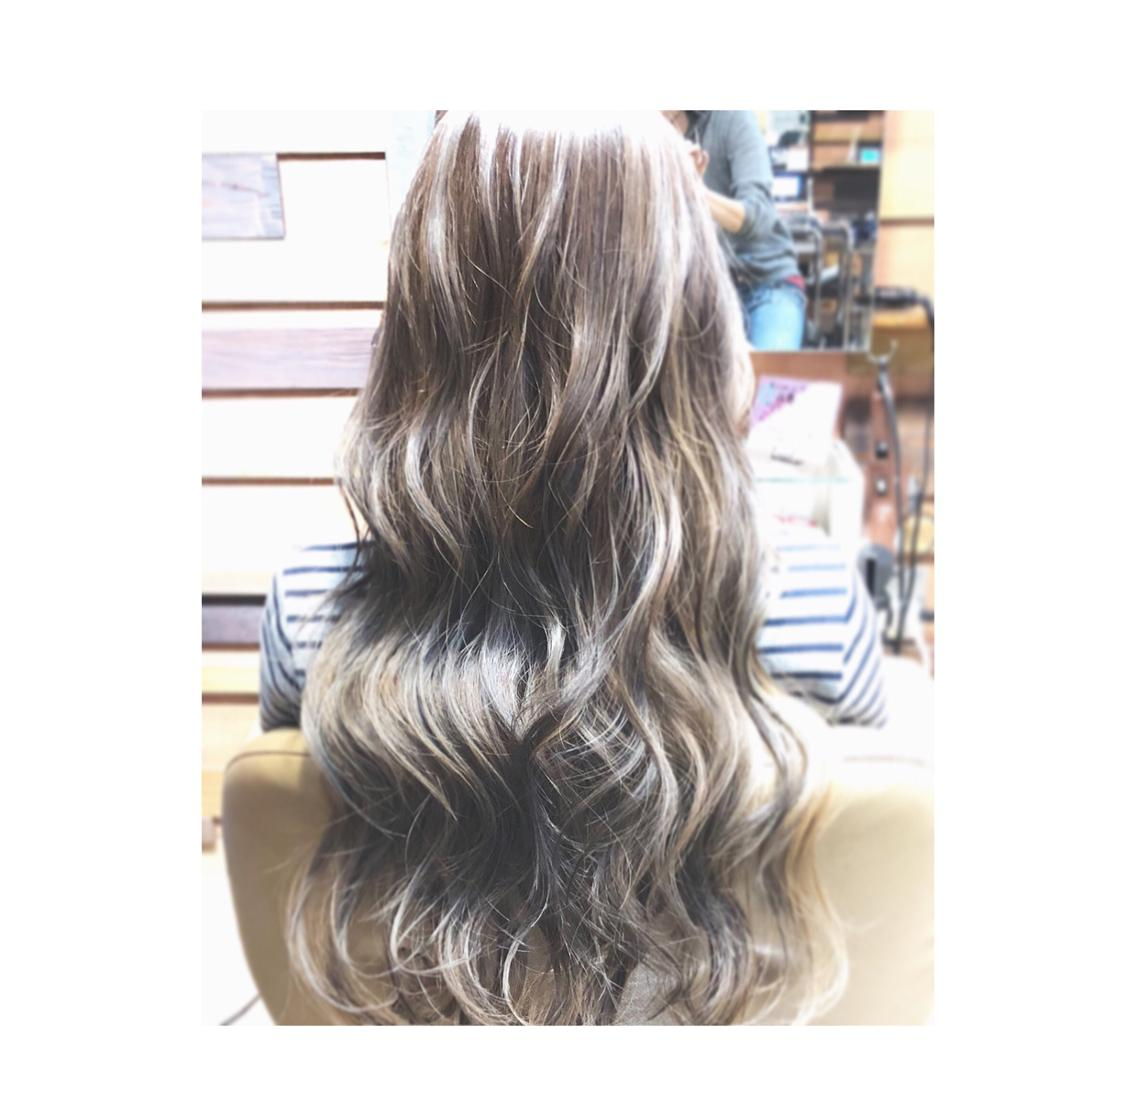 hair&makeUNIXIS所属・HAIR &MAKEUNIXISの掲載